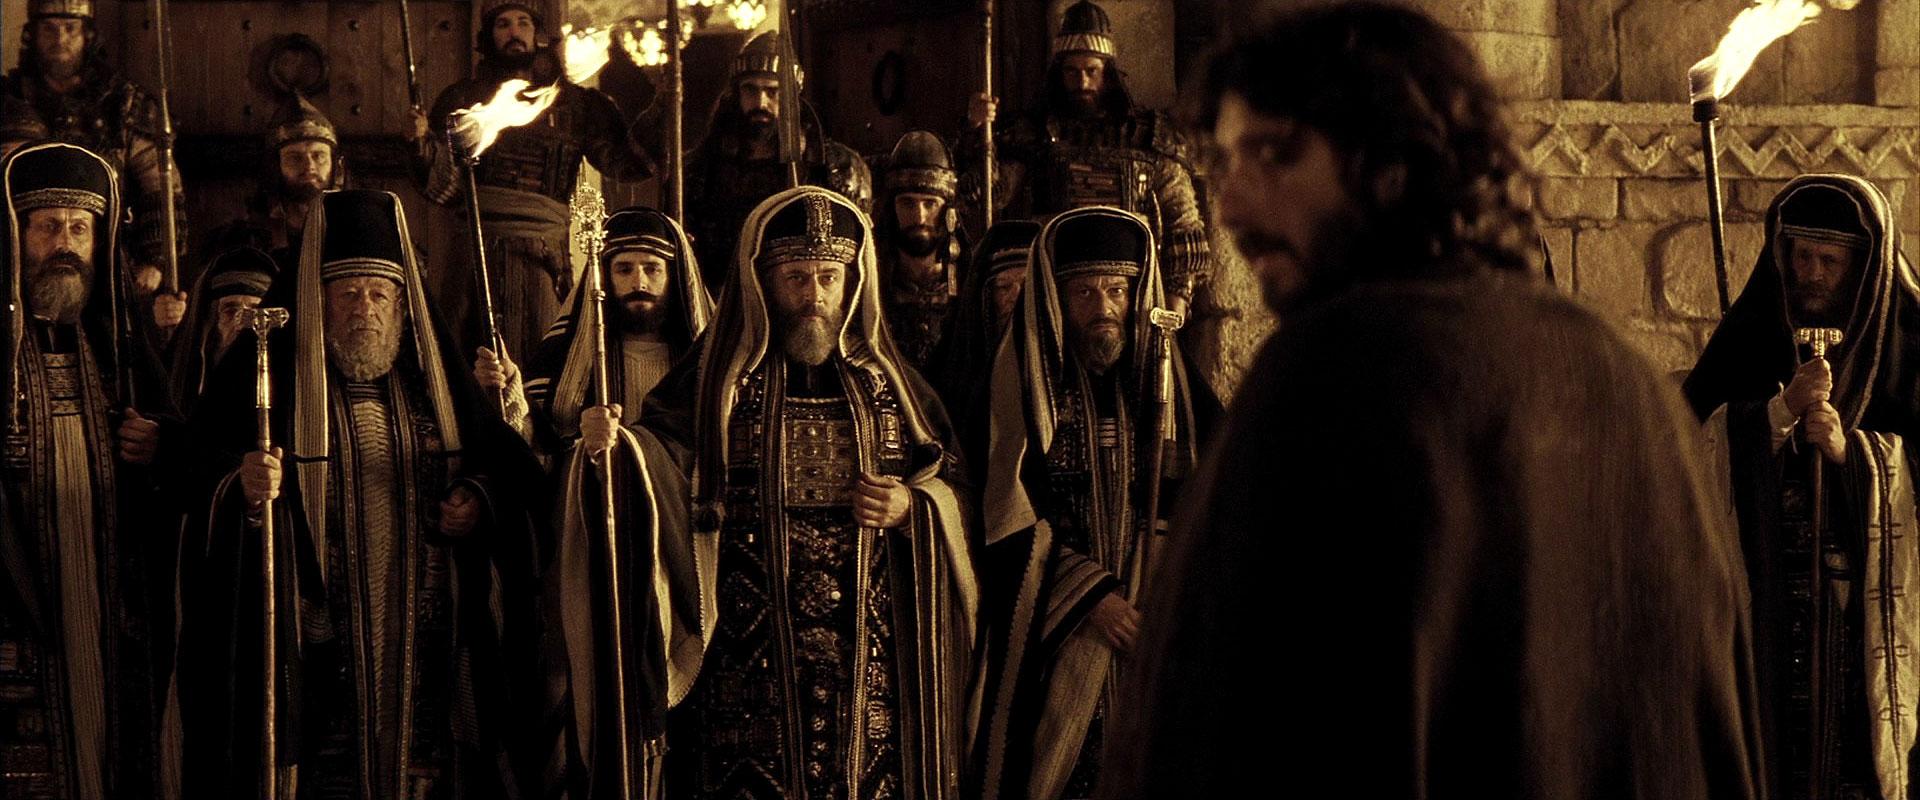 смотреть онлайн страсти по христу: